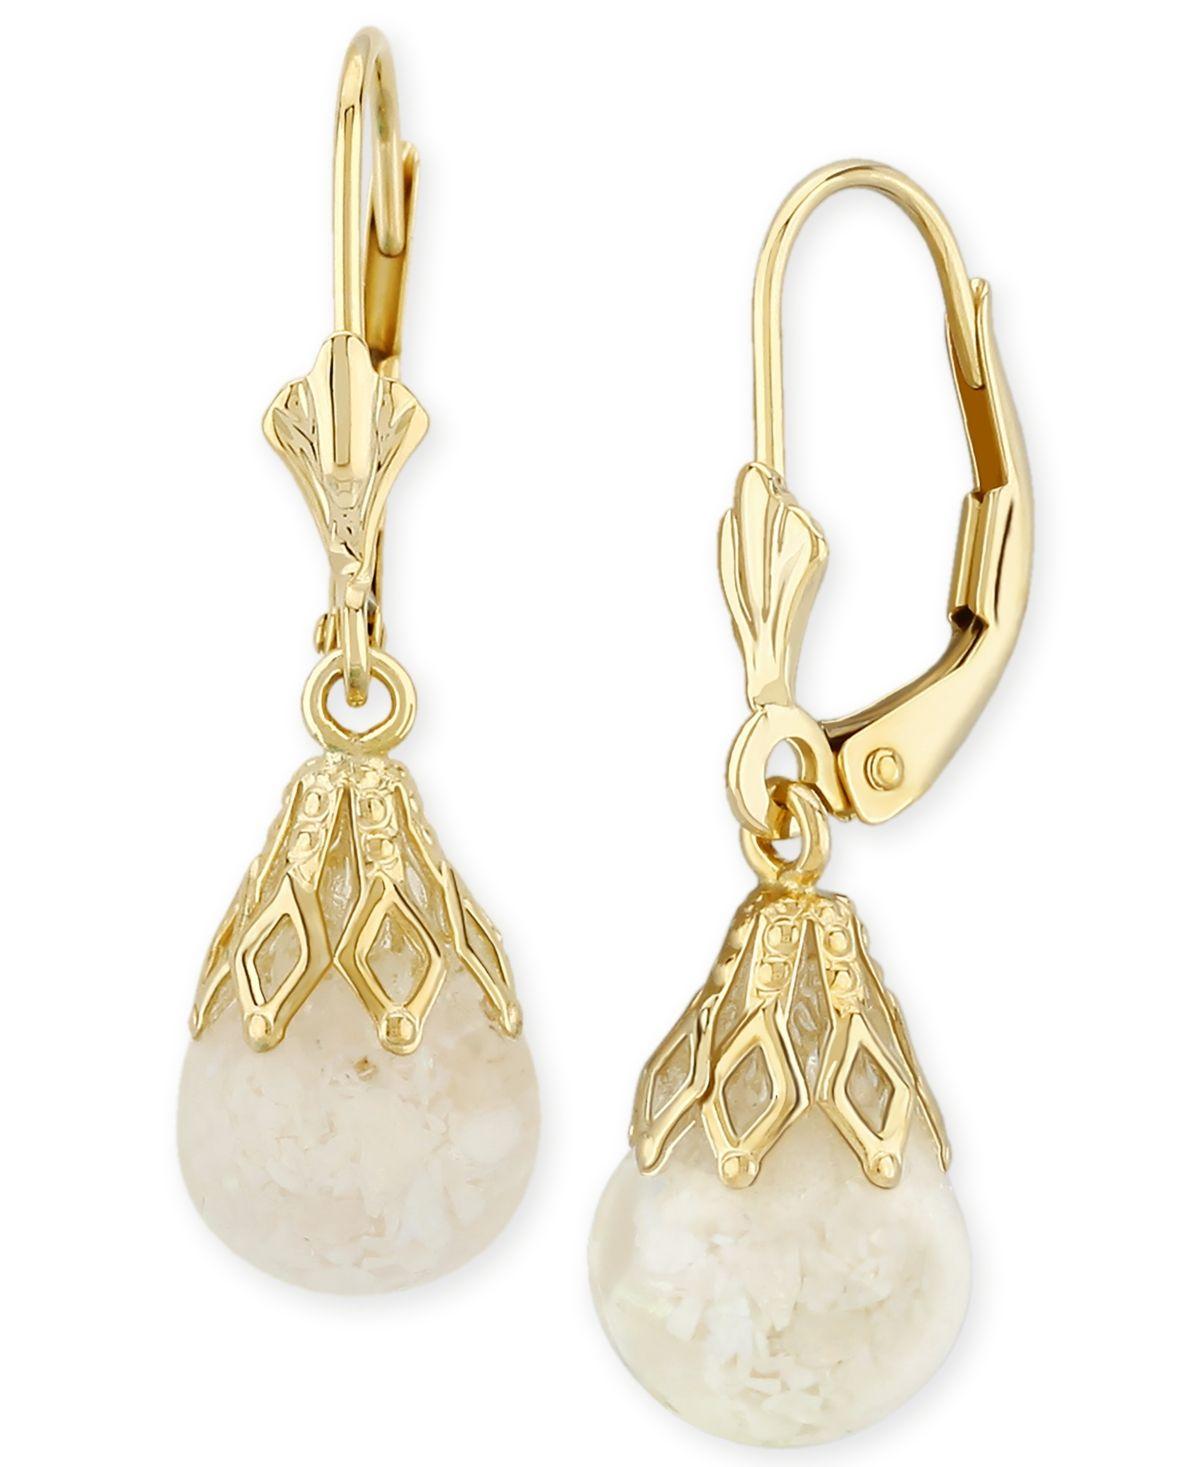 24+ Macys jewelry sale gold earrings info